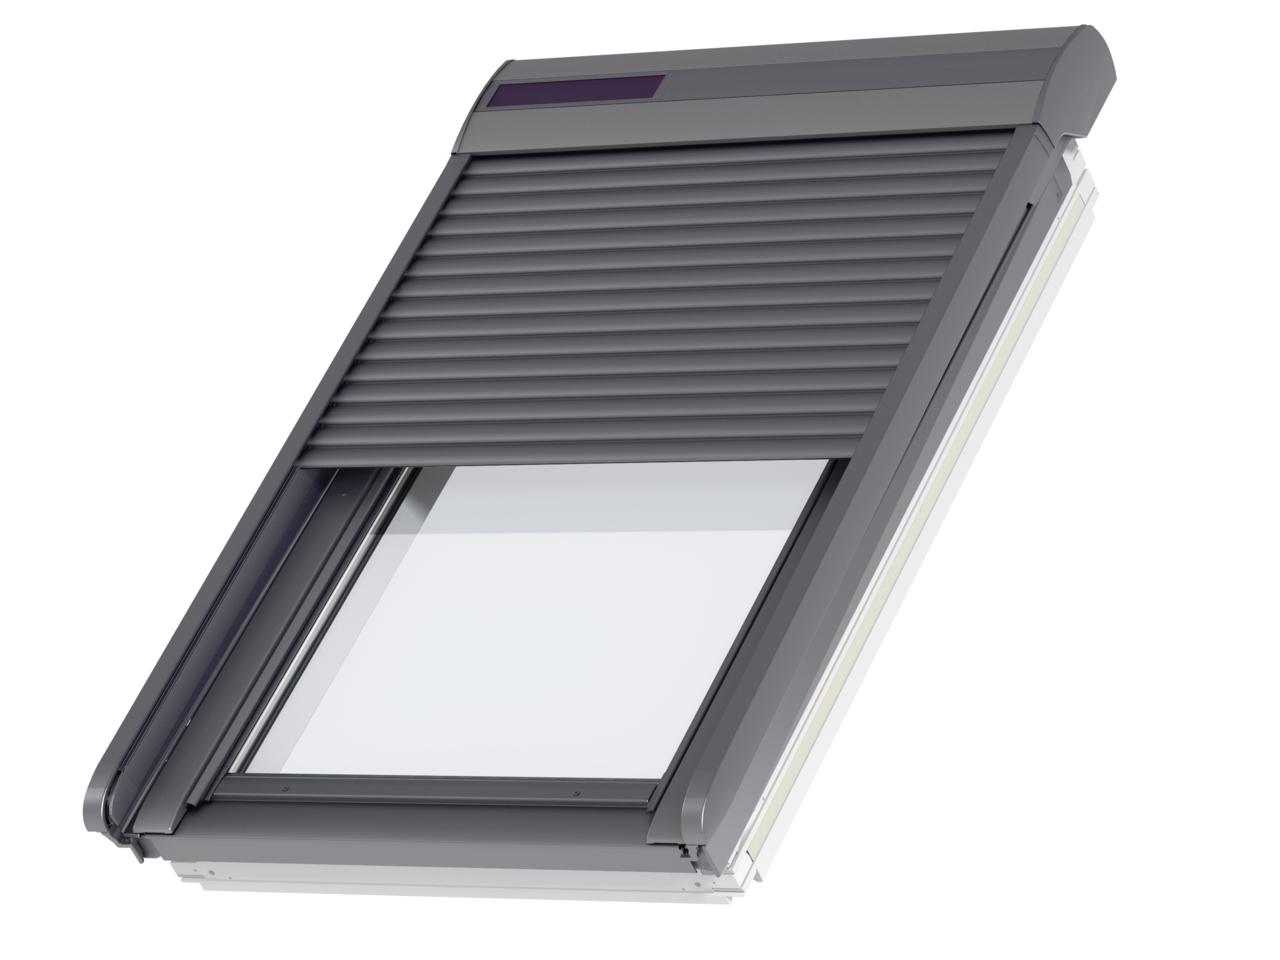 La tapparella solare non funziona velux come fare for Tapparelle per velux